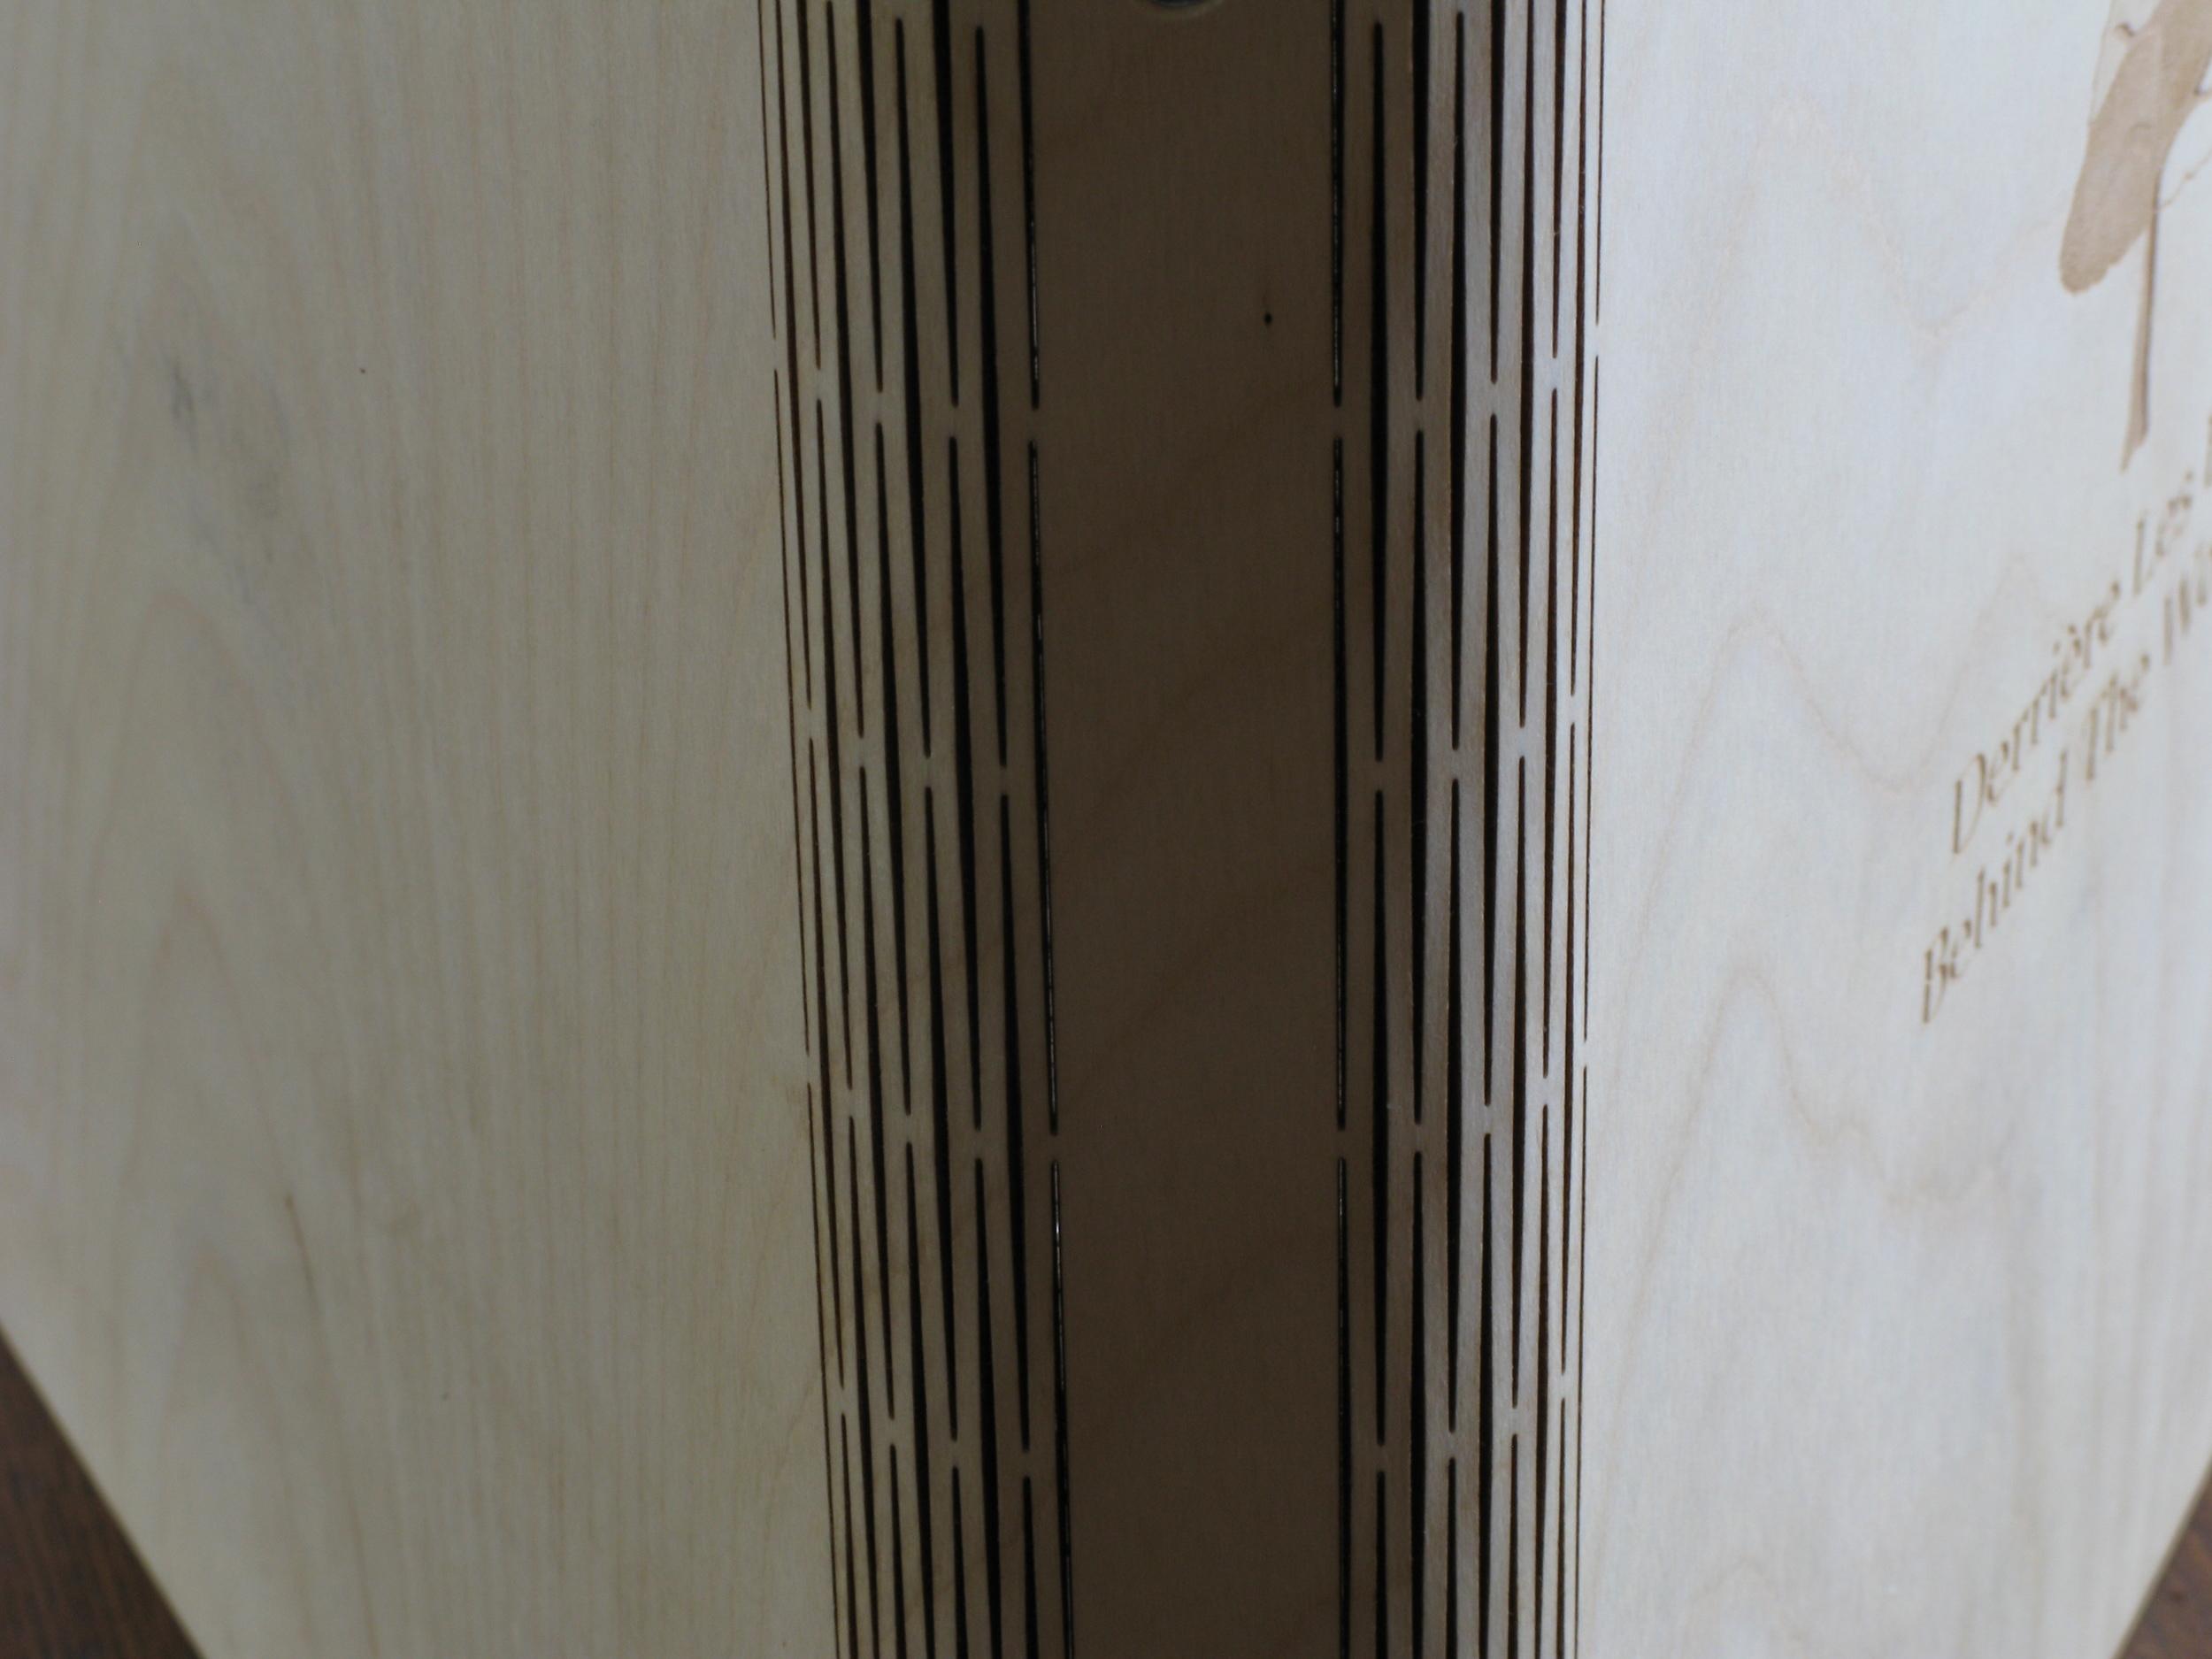 Wooden Live Hinge Binder